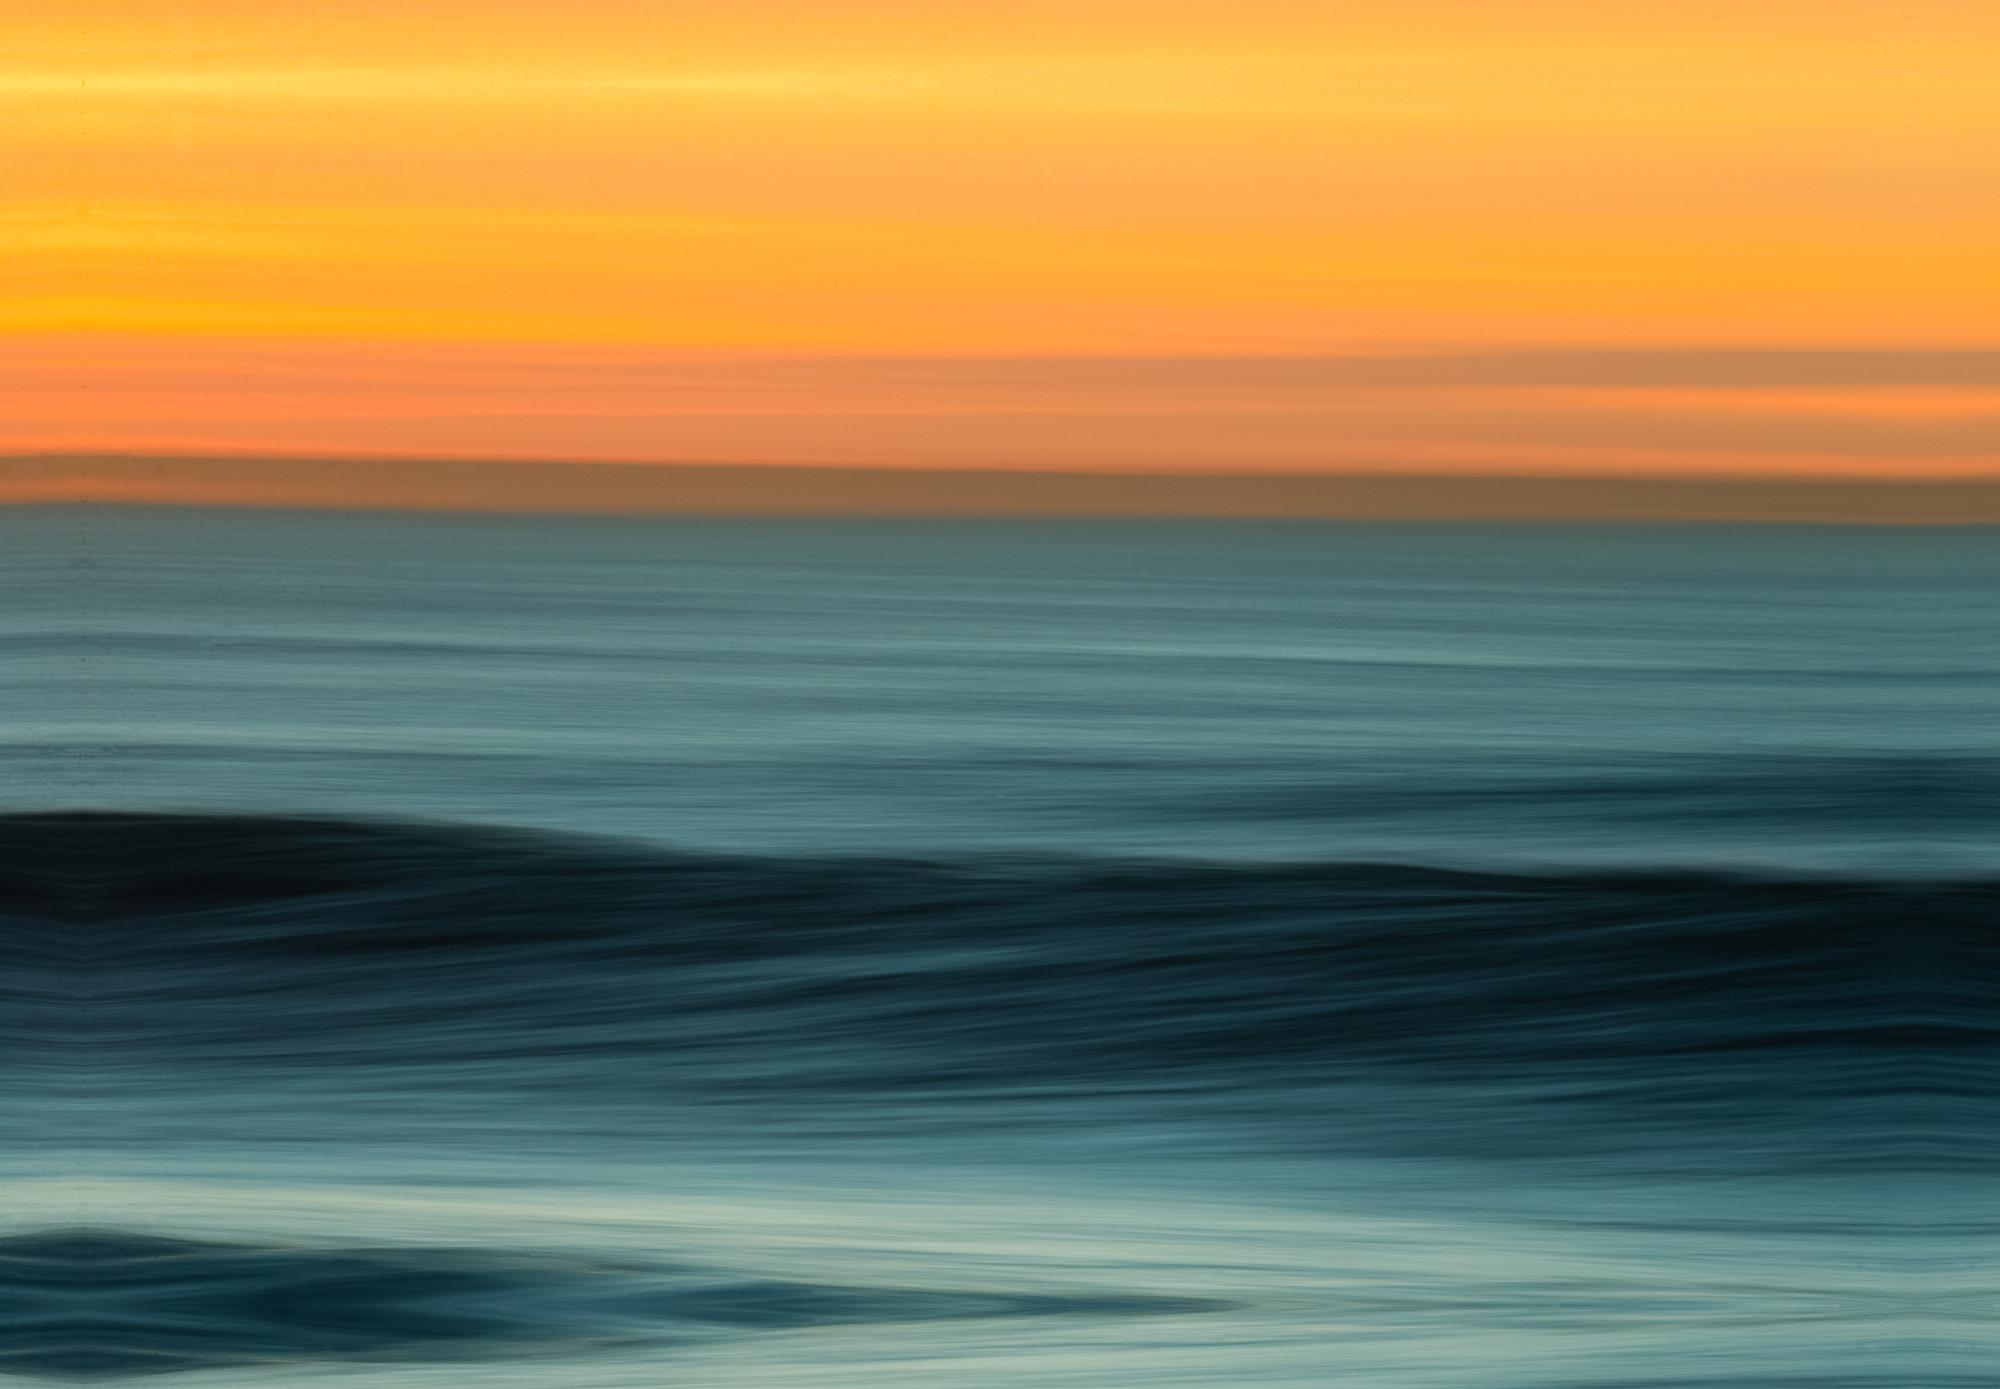 20161109_travel_surf_lajolla_0166_clean-Edit.jpg